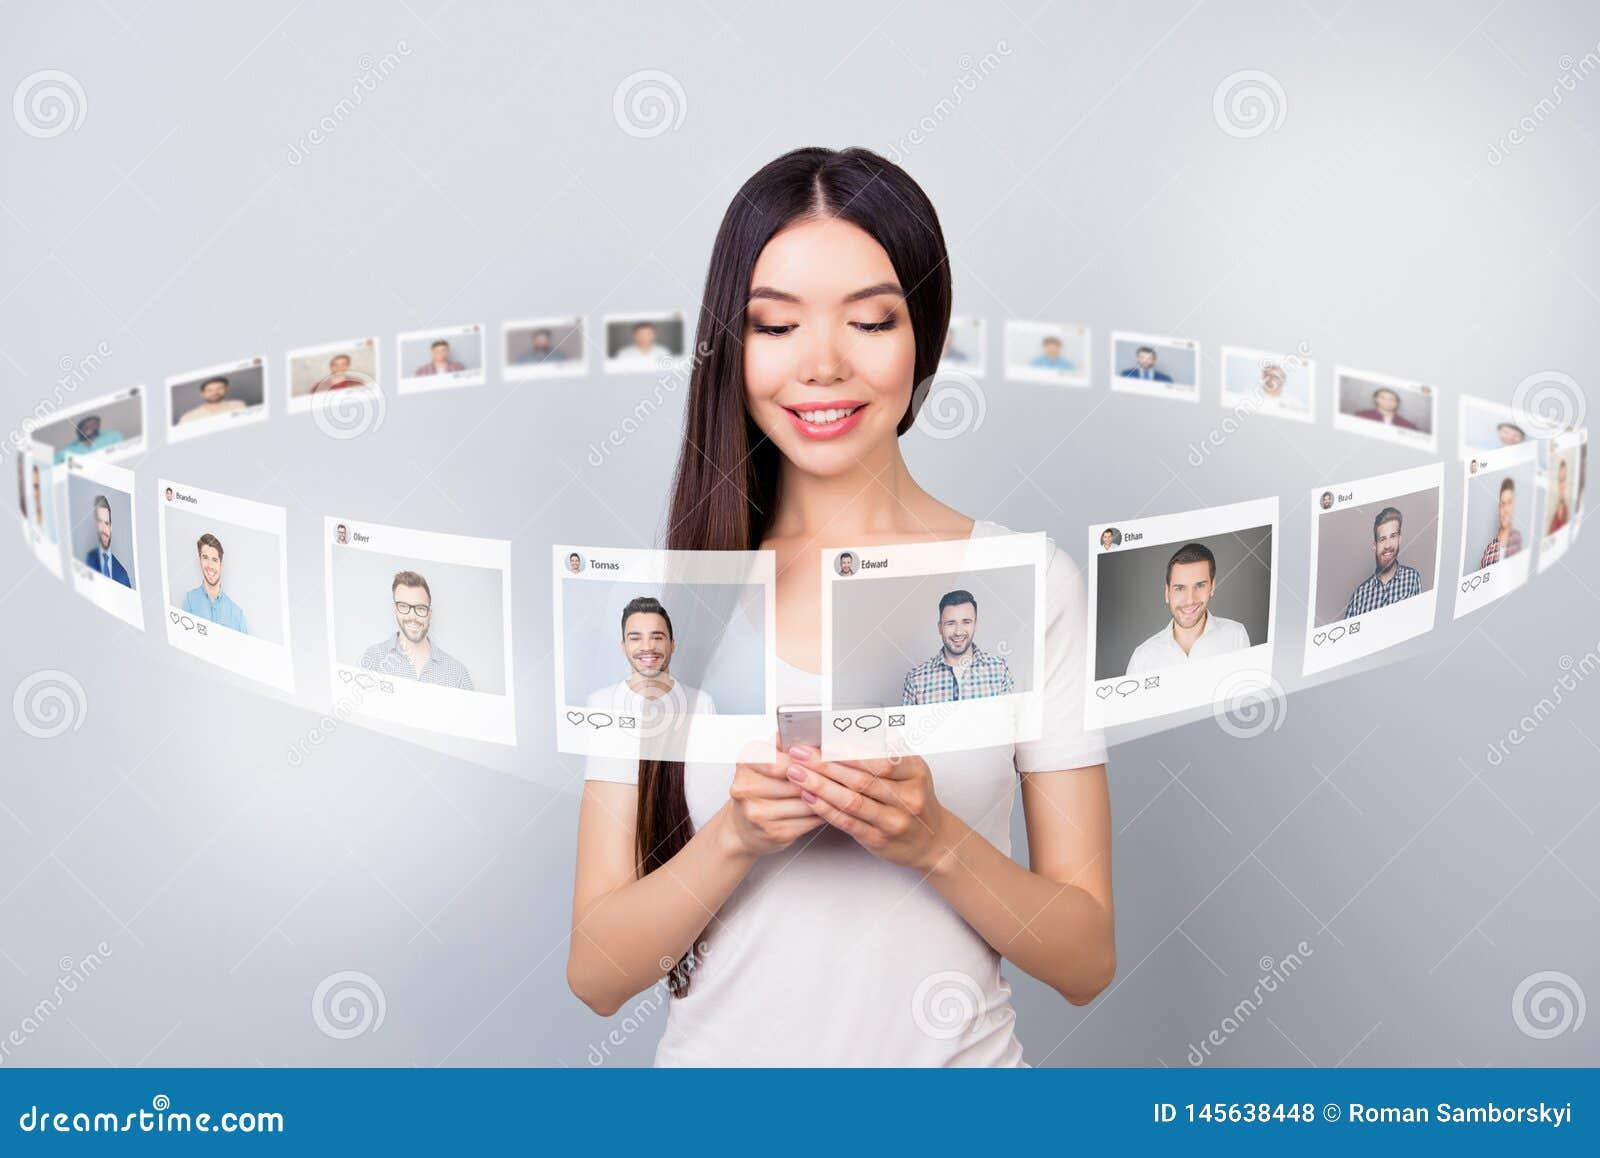 Leitor ascendente próximo da foto seus lotes da verificação da senhora envia e-mail o repost da parte do telefone como o fórum do